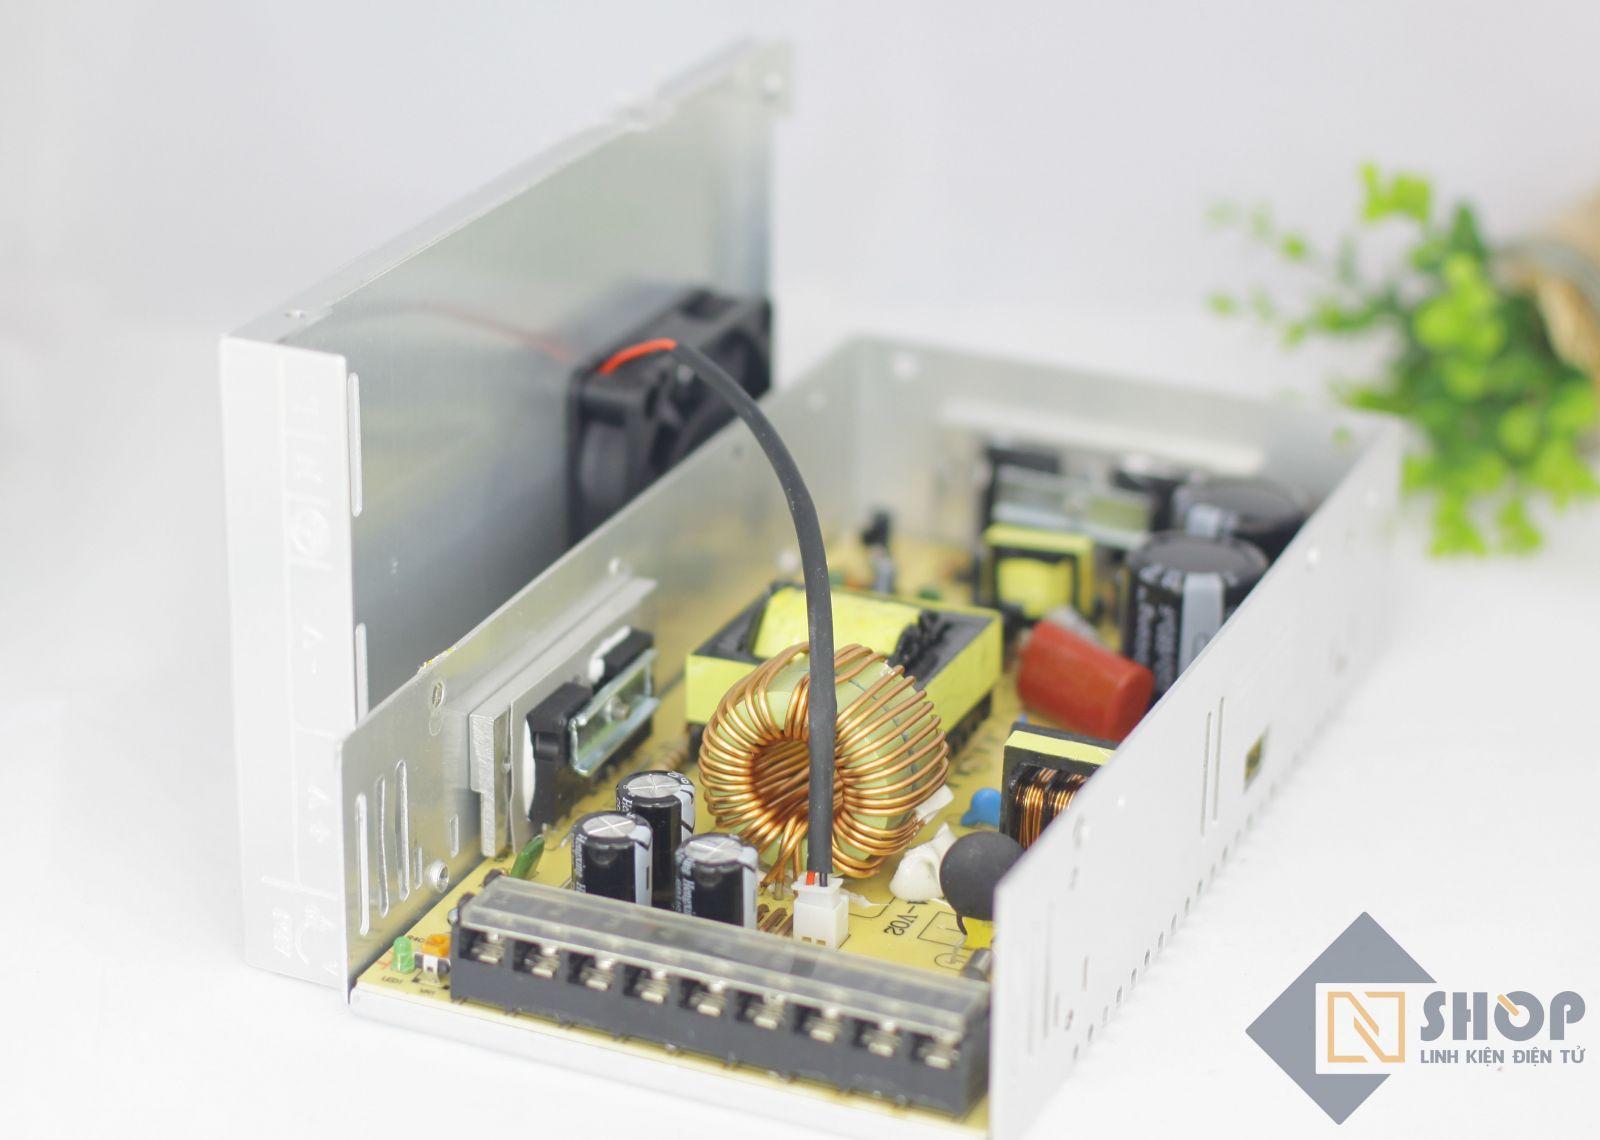 Bên trong Nguồn tổ ong 12V 30A Power Supply